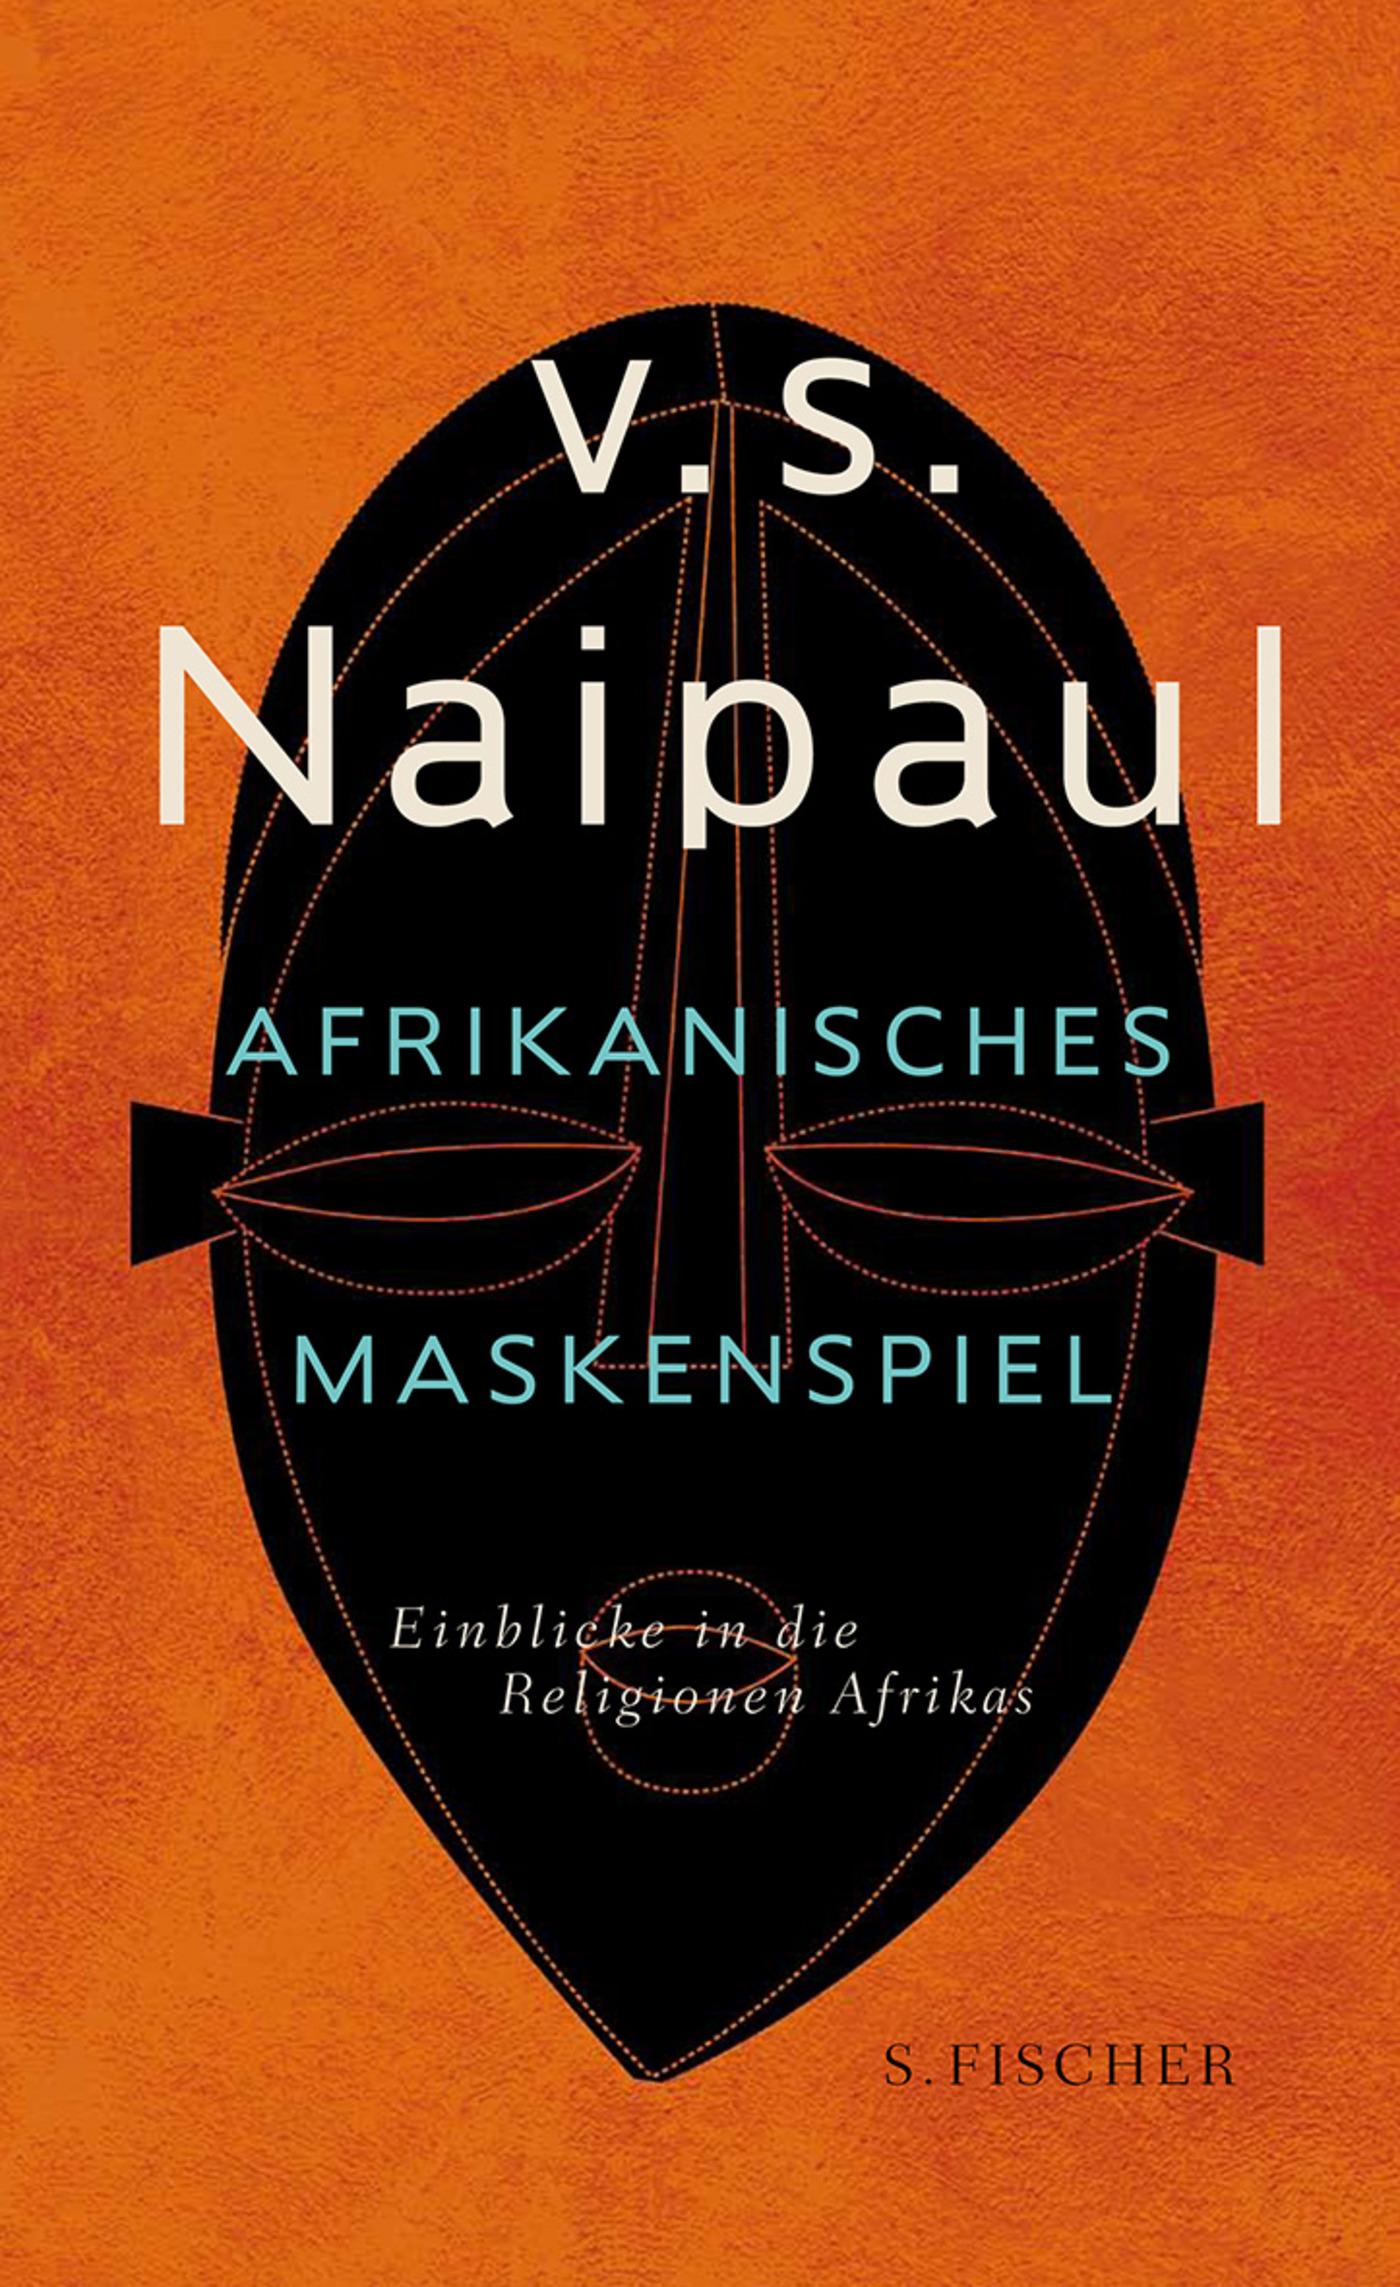 Afrikanisches-Maskenspiel-V-S-Naipaul